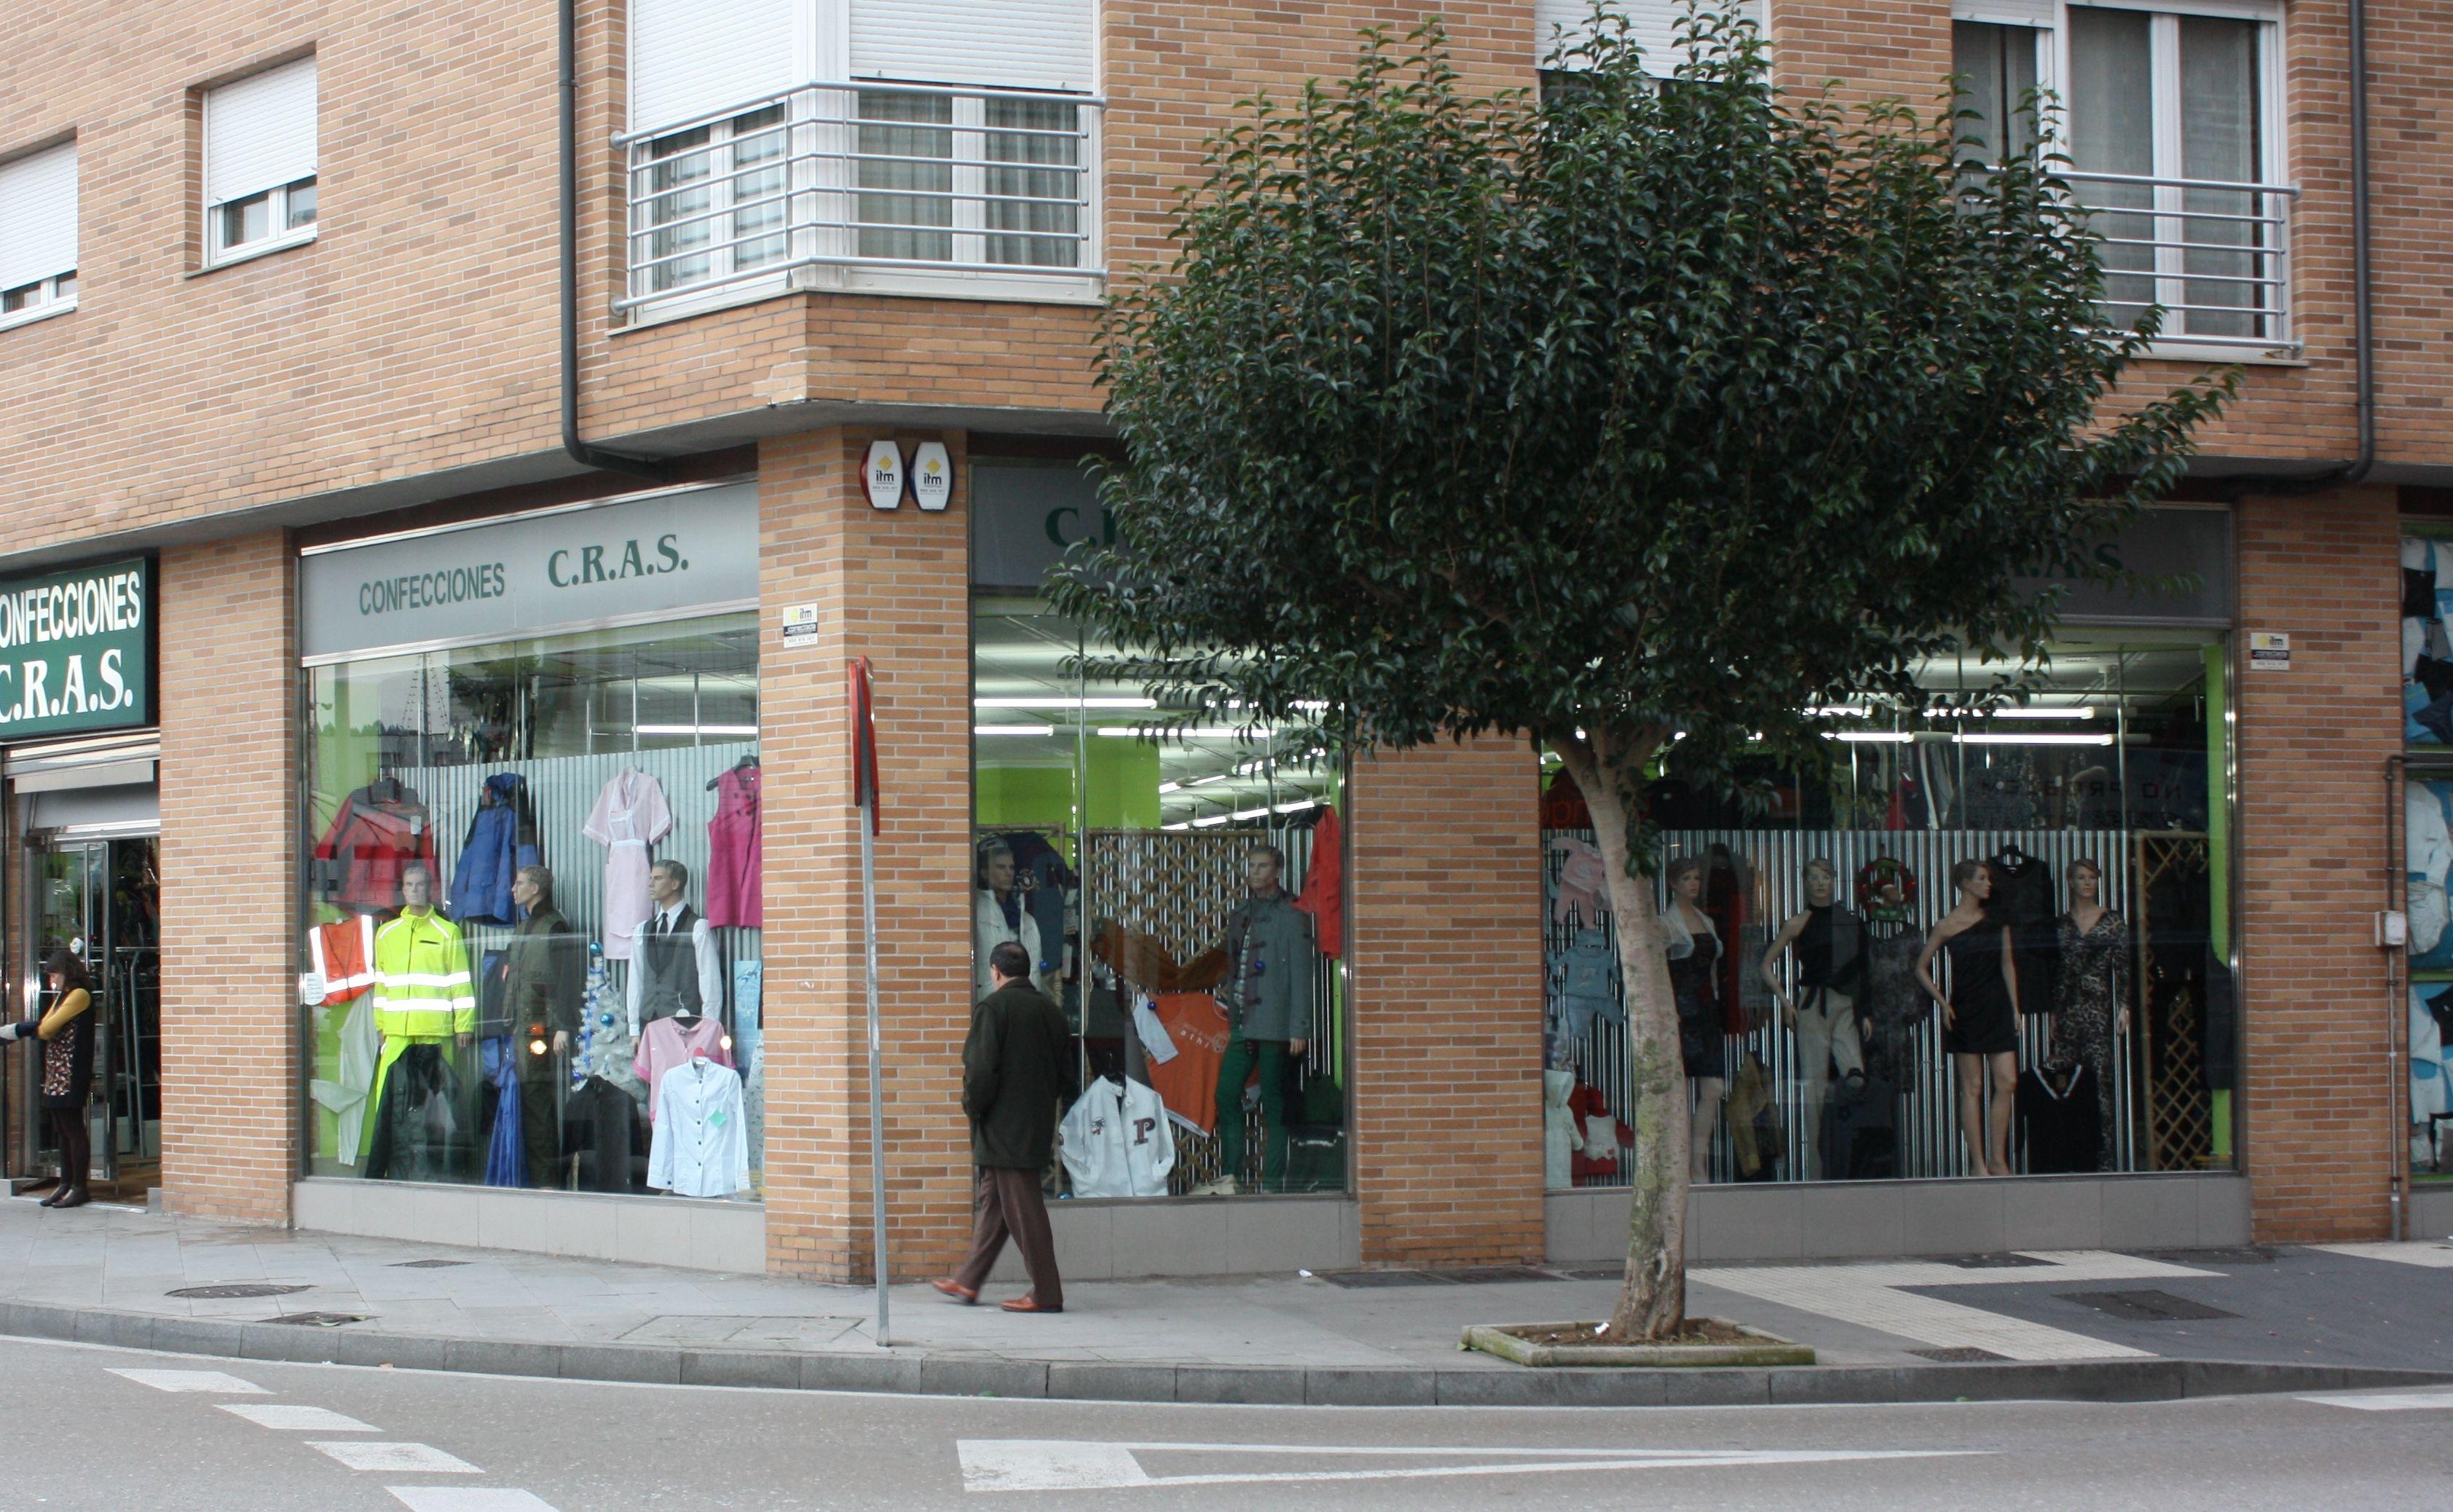 Foto 17 de Ropa de trabajo y Uniformes en Torrelavega | Confecciones C.R.A.S.-Confecciones Carpa